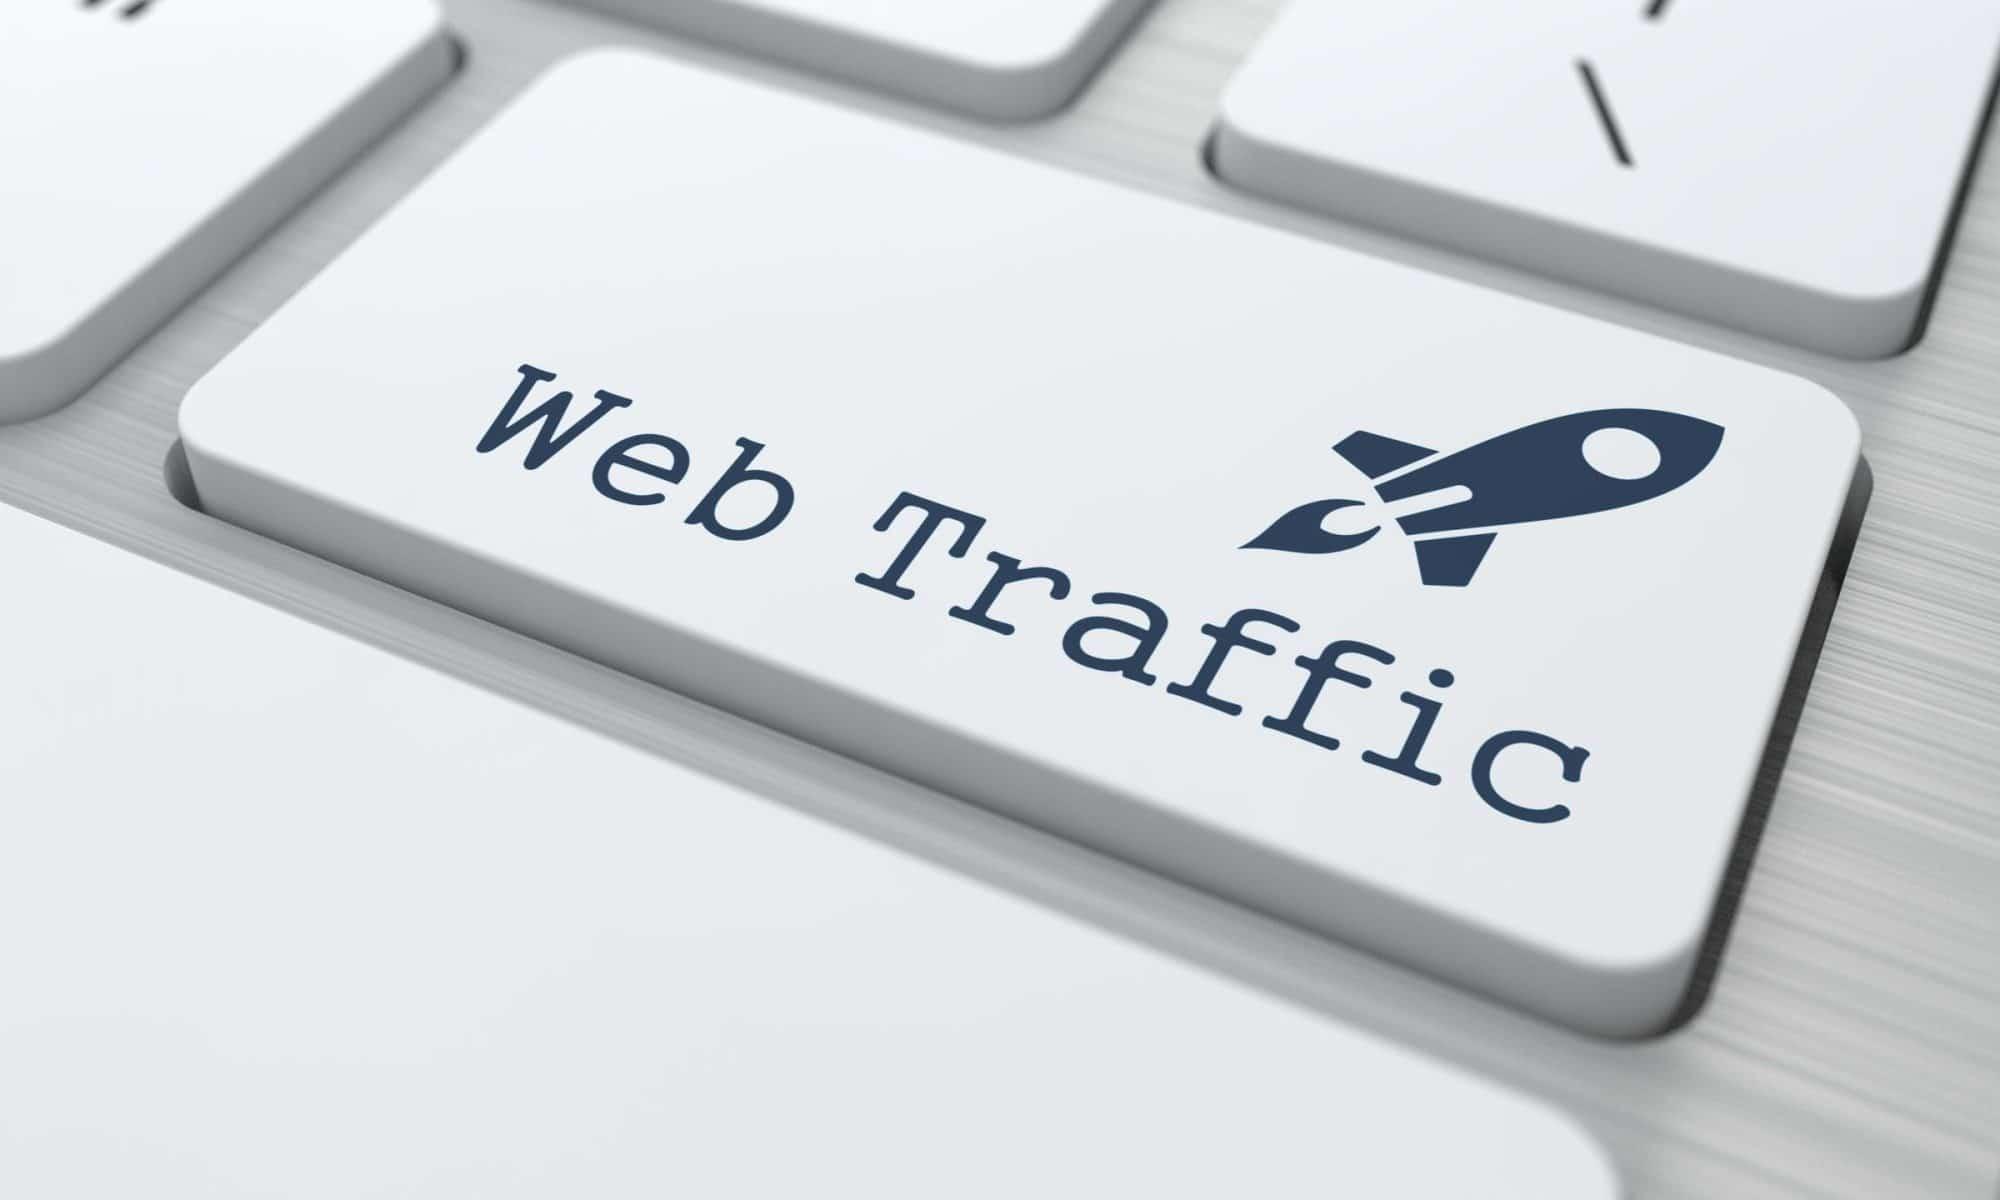 زيادة حركة مرور الويب